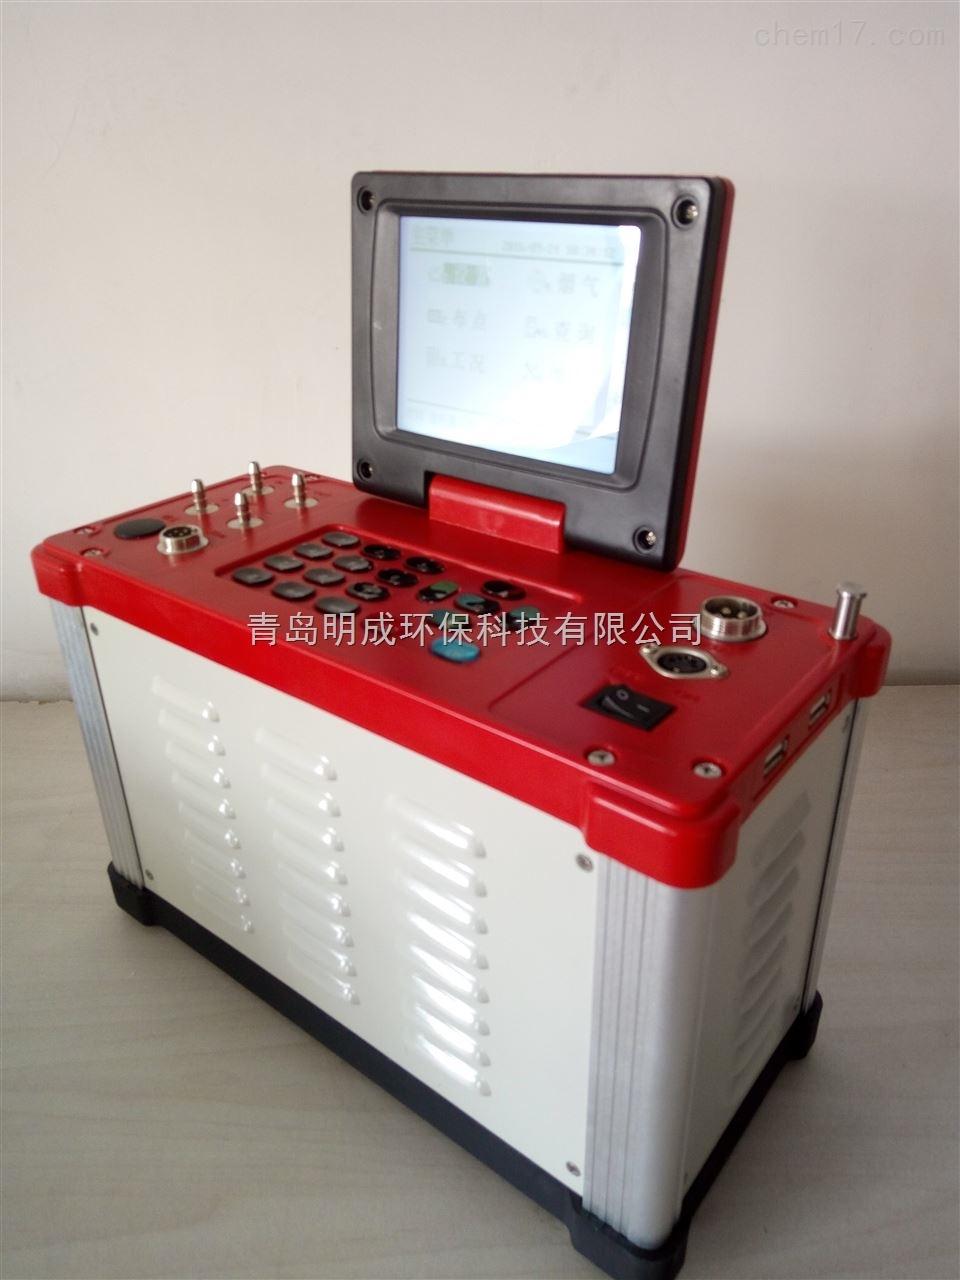 青岛明成LB-62自动烟气分析仪厂家直销